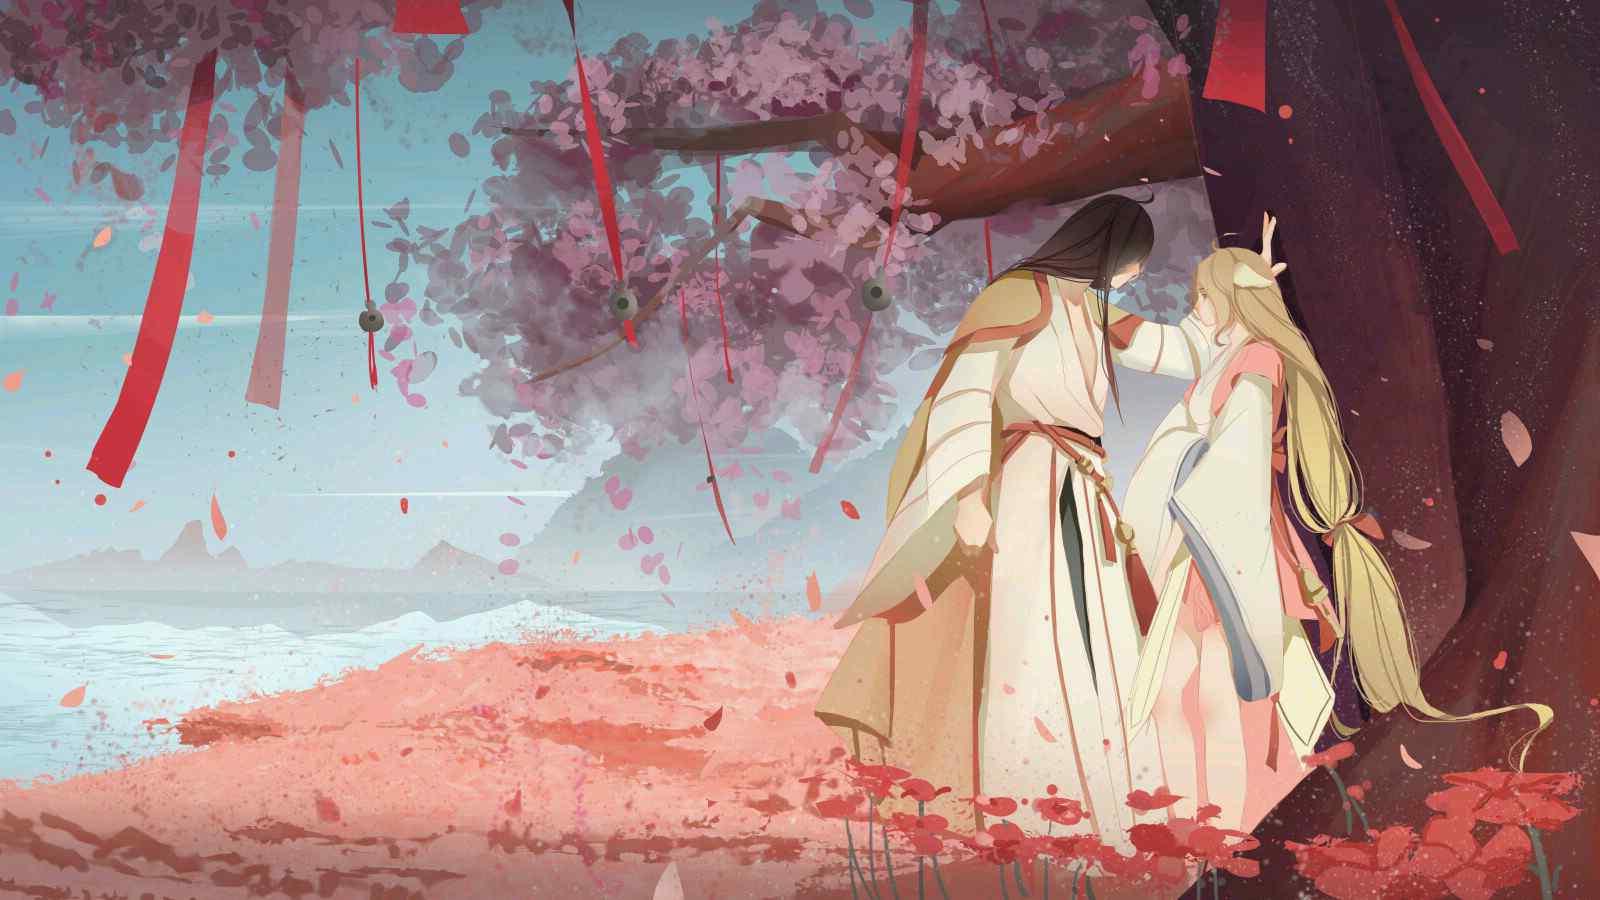 人妖恋_狐妖小红娘之涂山红红与东方月初唯美手绘同人图 -桌面天下 ...